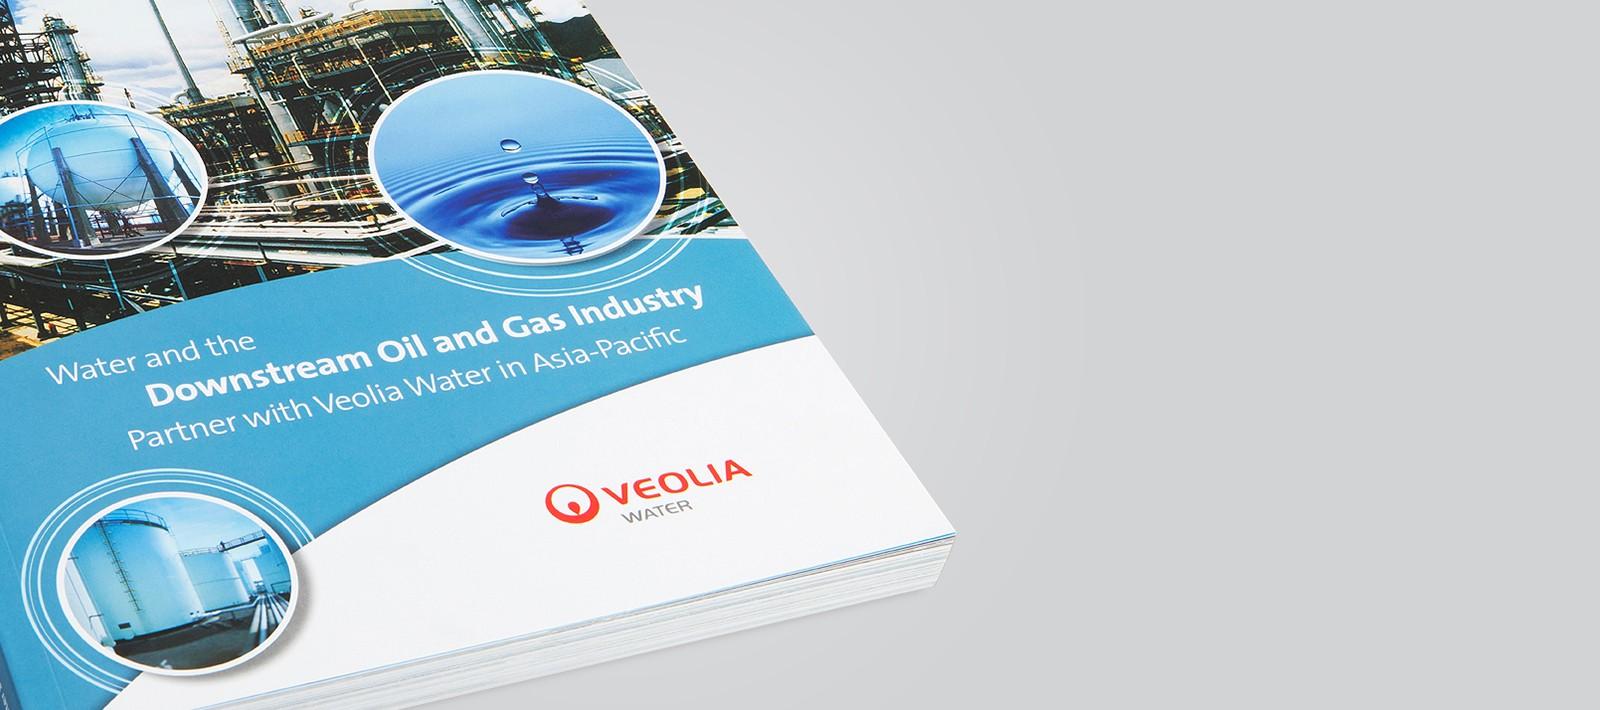 Brochure design for Veolia